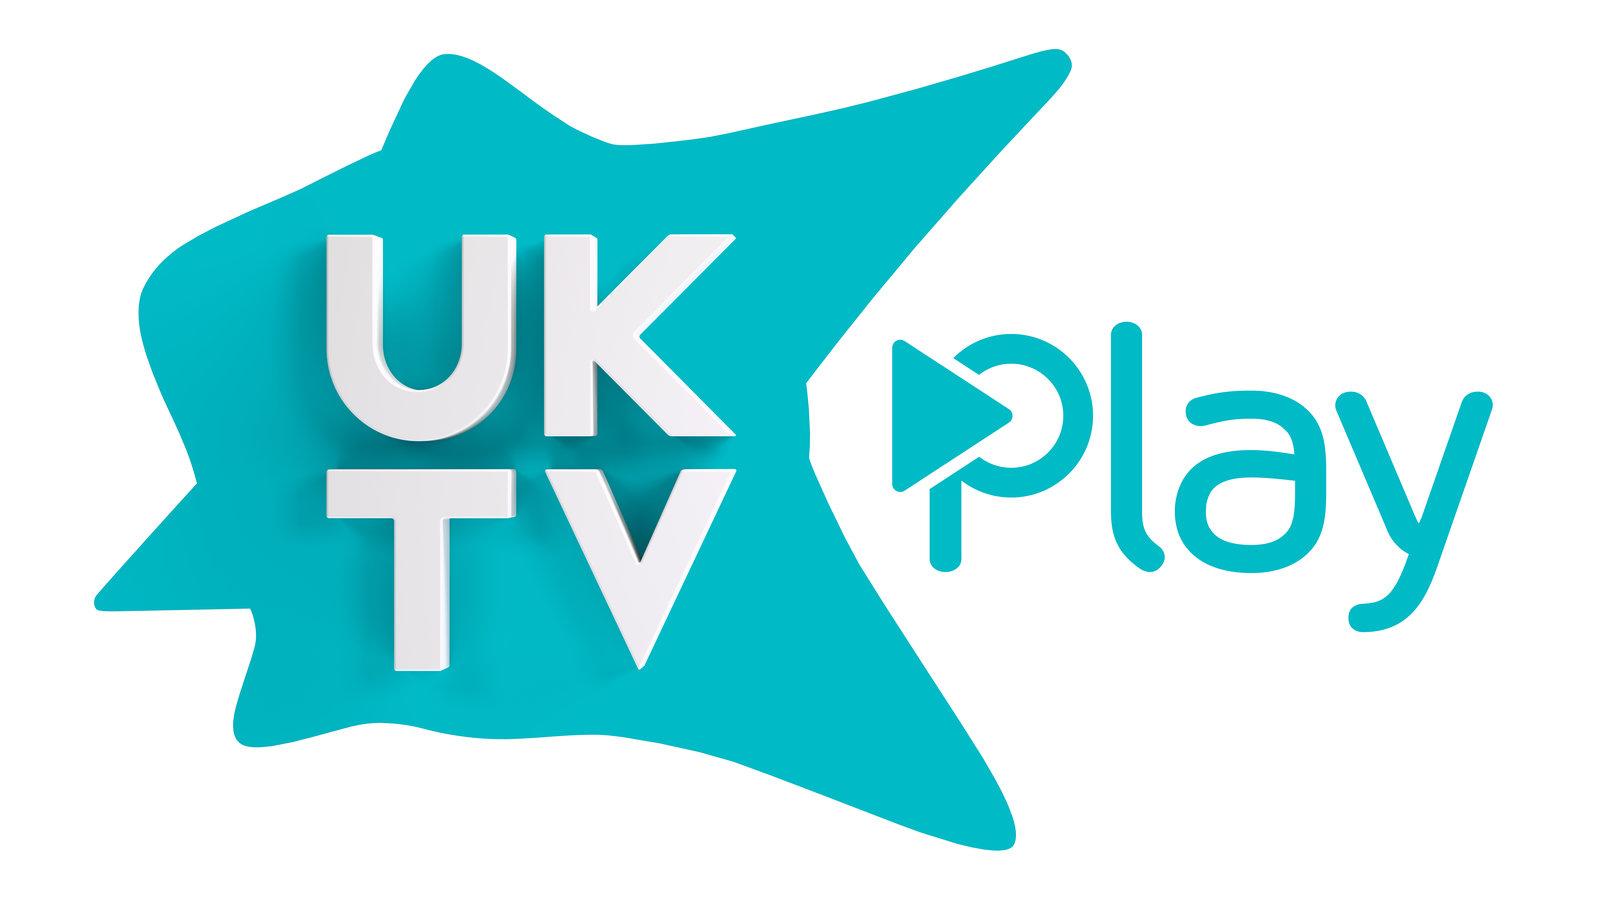 Uktv logo clipart banner black and white stock UKTV Play banner black and white stock